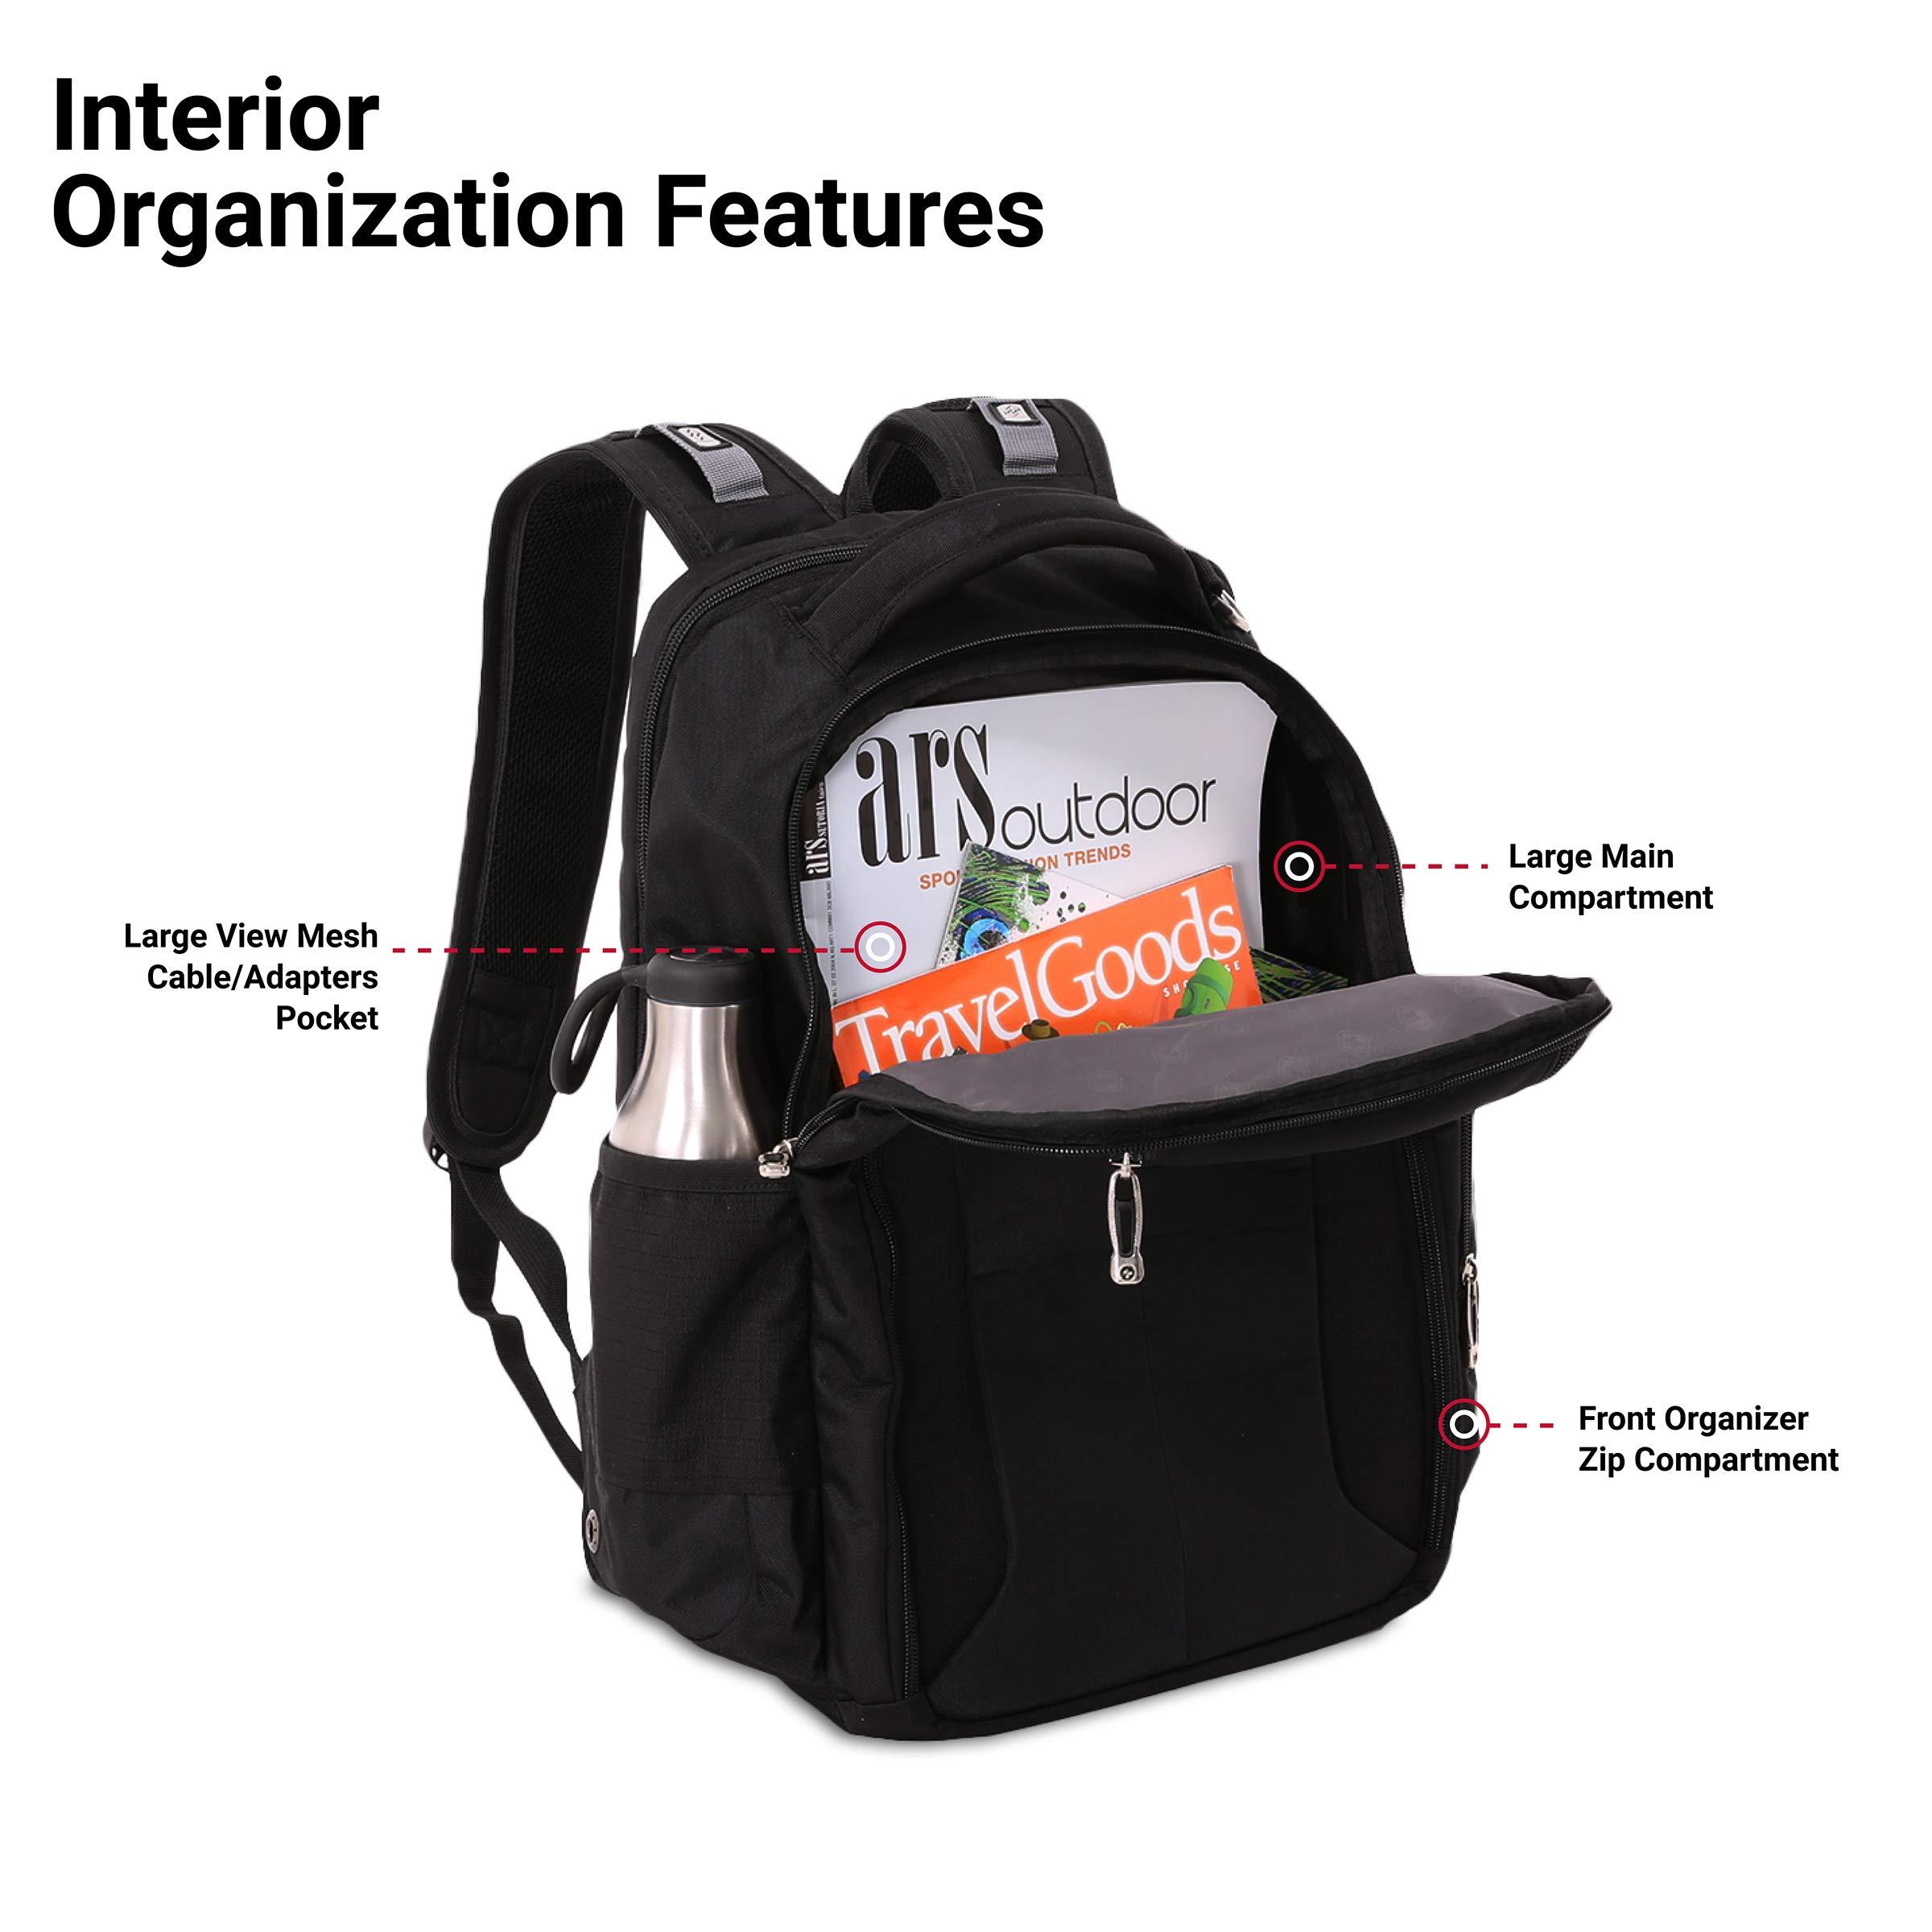 SWISSGEAR Large ScanSmart 15-inch Laptop Backpack   TSA-Friendly Carry-on   Travel, Work, School   Men's and Women's - Black by SwissGear (Image #4)